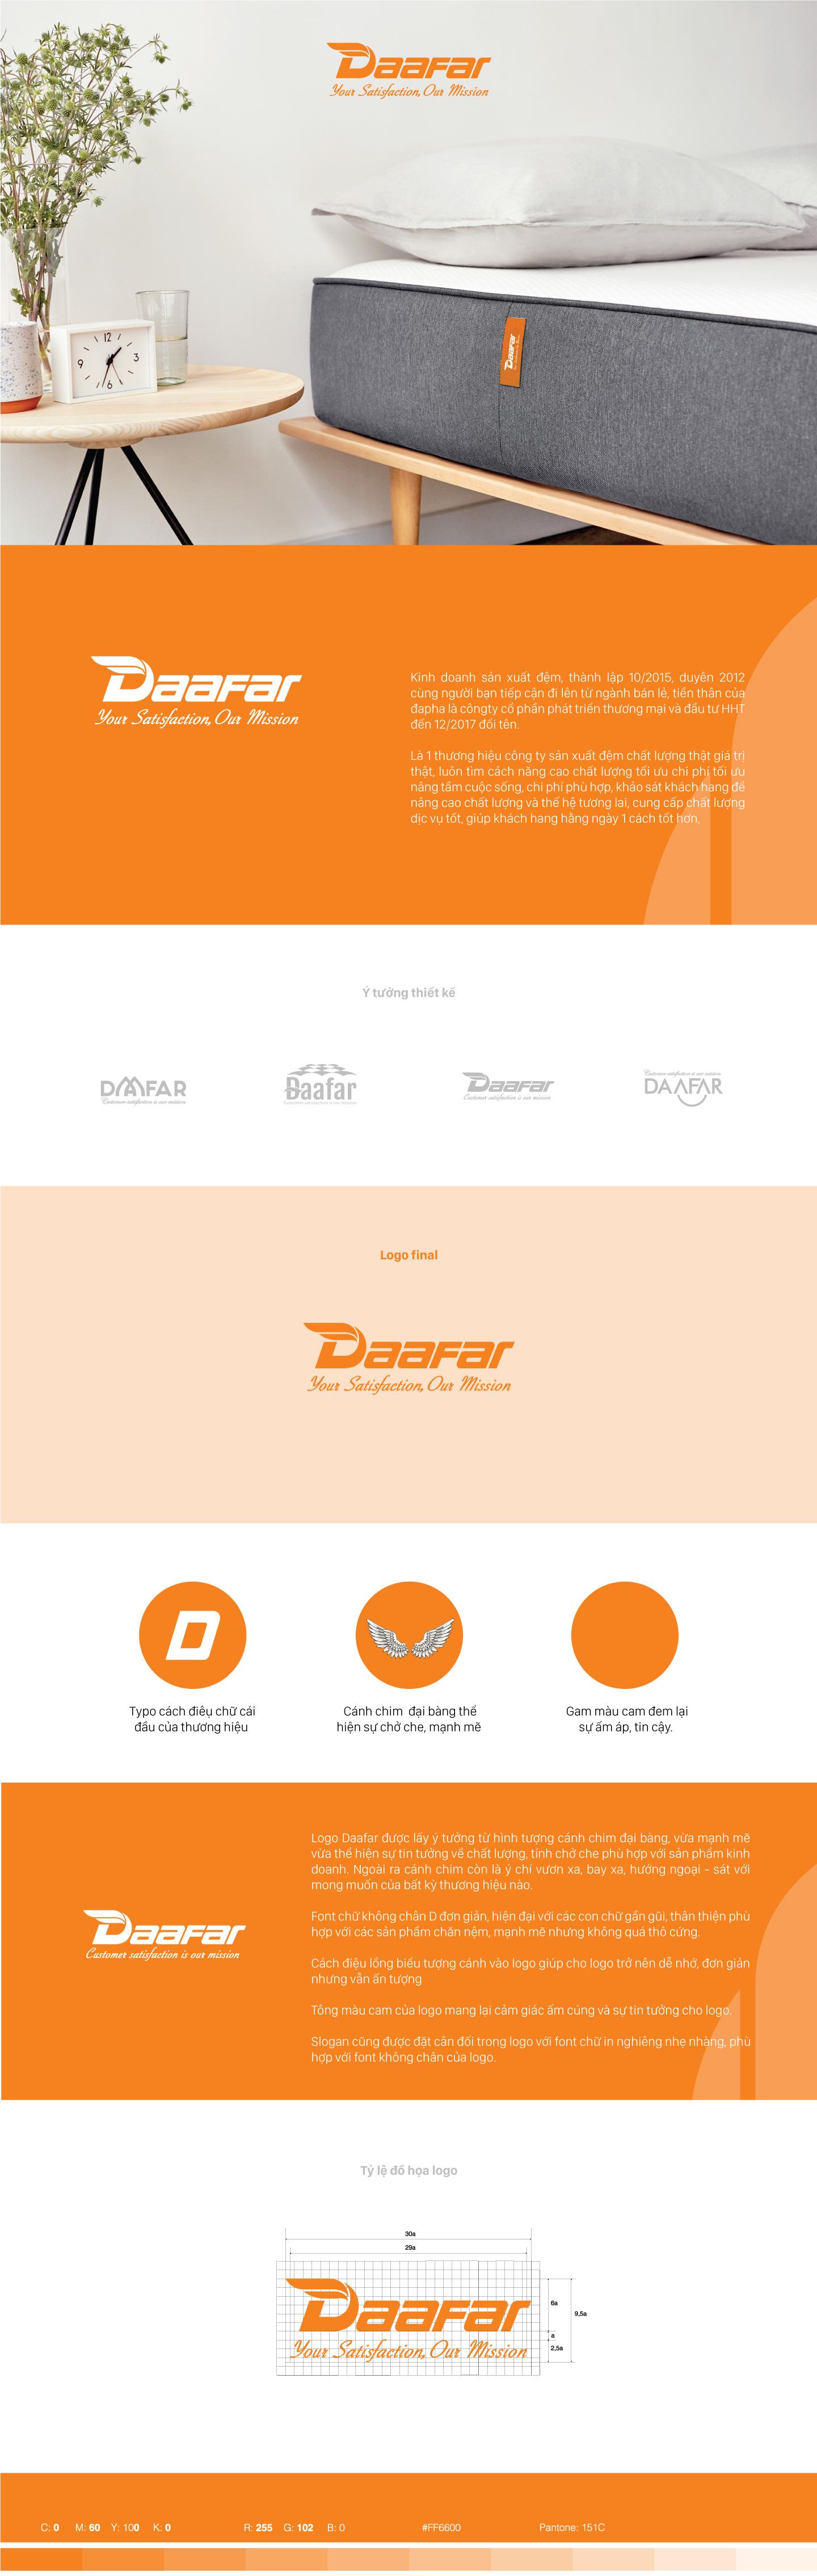 Daafar-mockup2